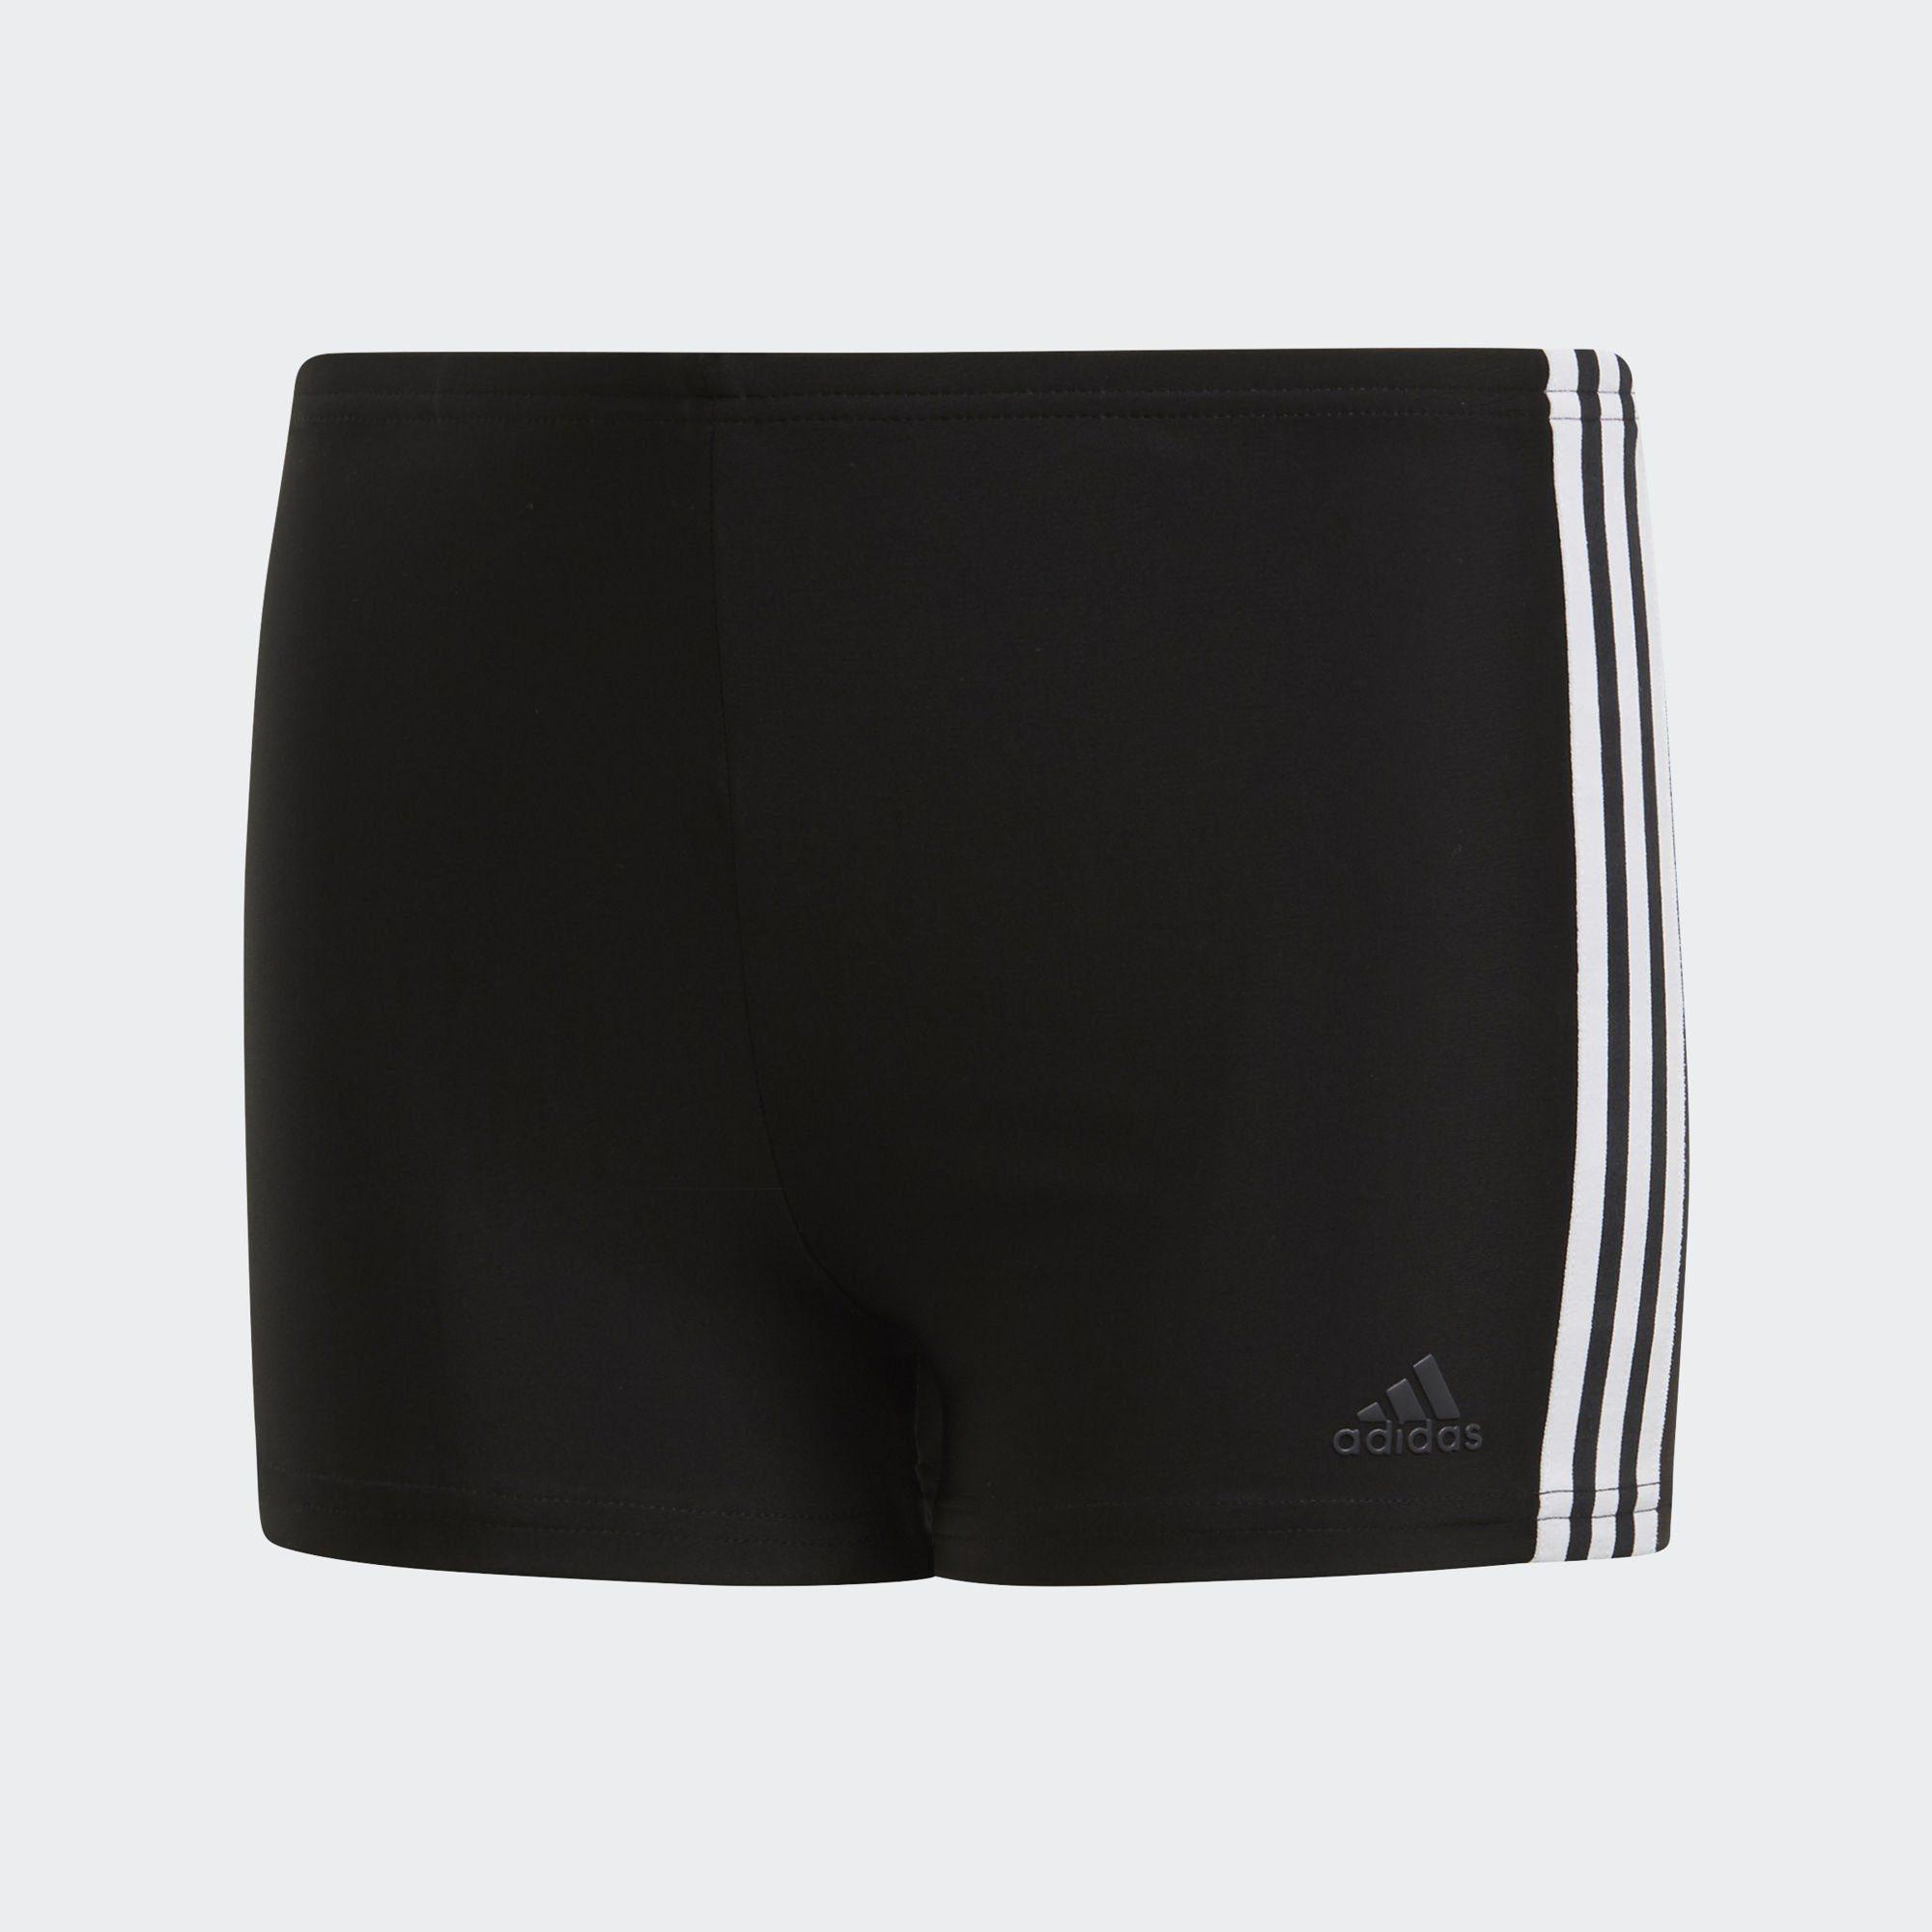 adidas Performance Badehose »3-Streifen Boxer-Badehose«, 3 Stripes